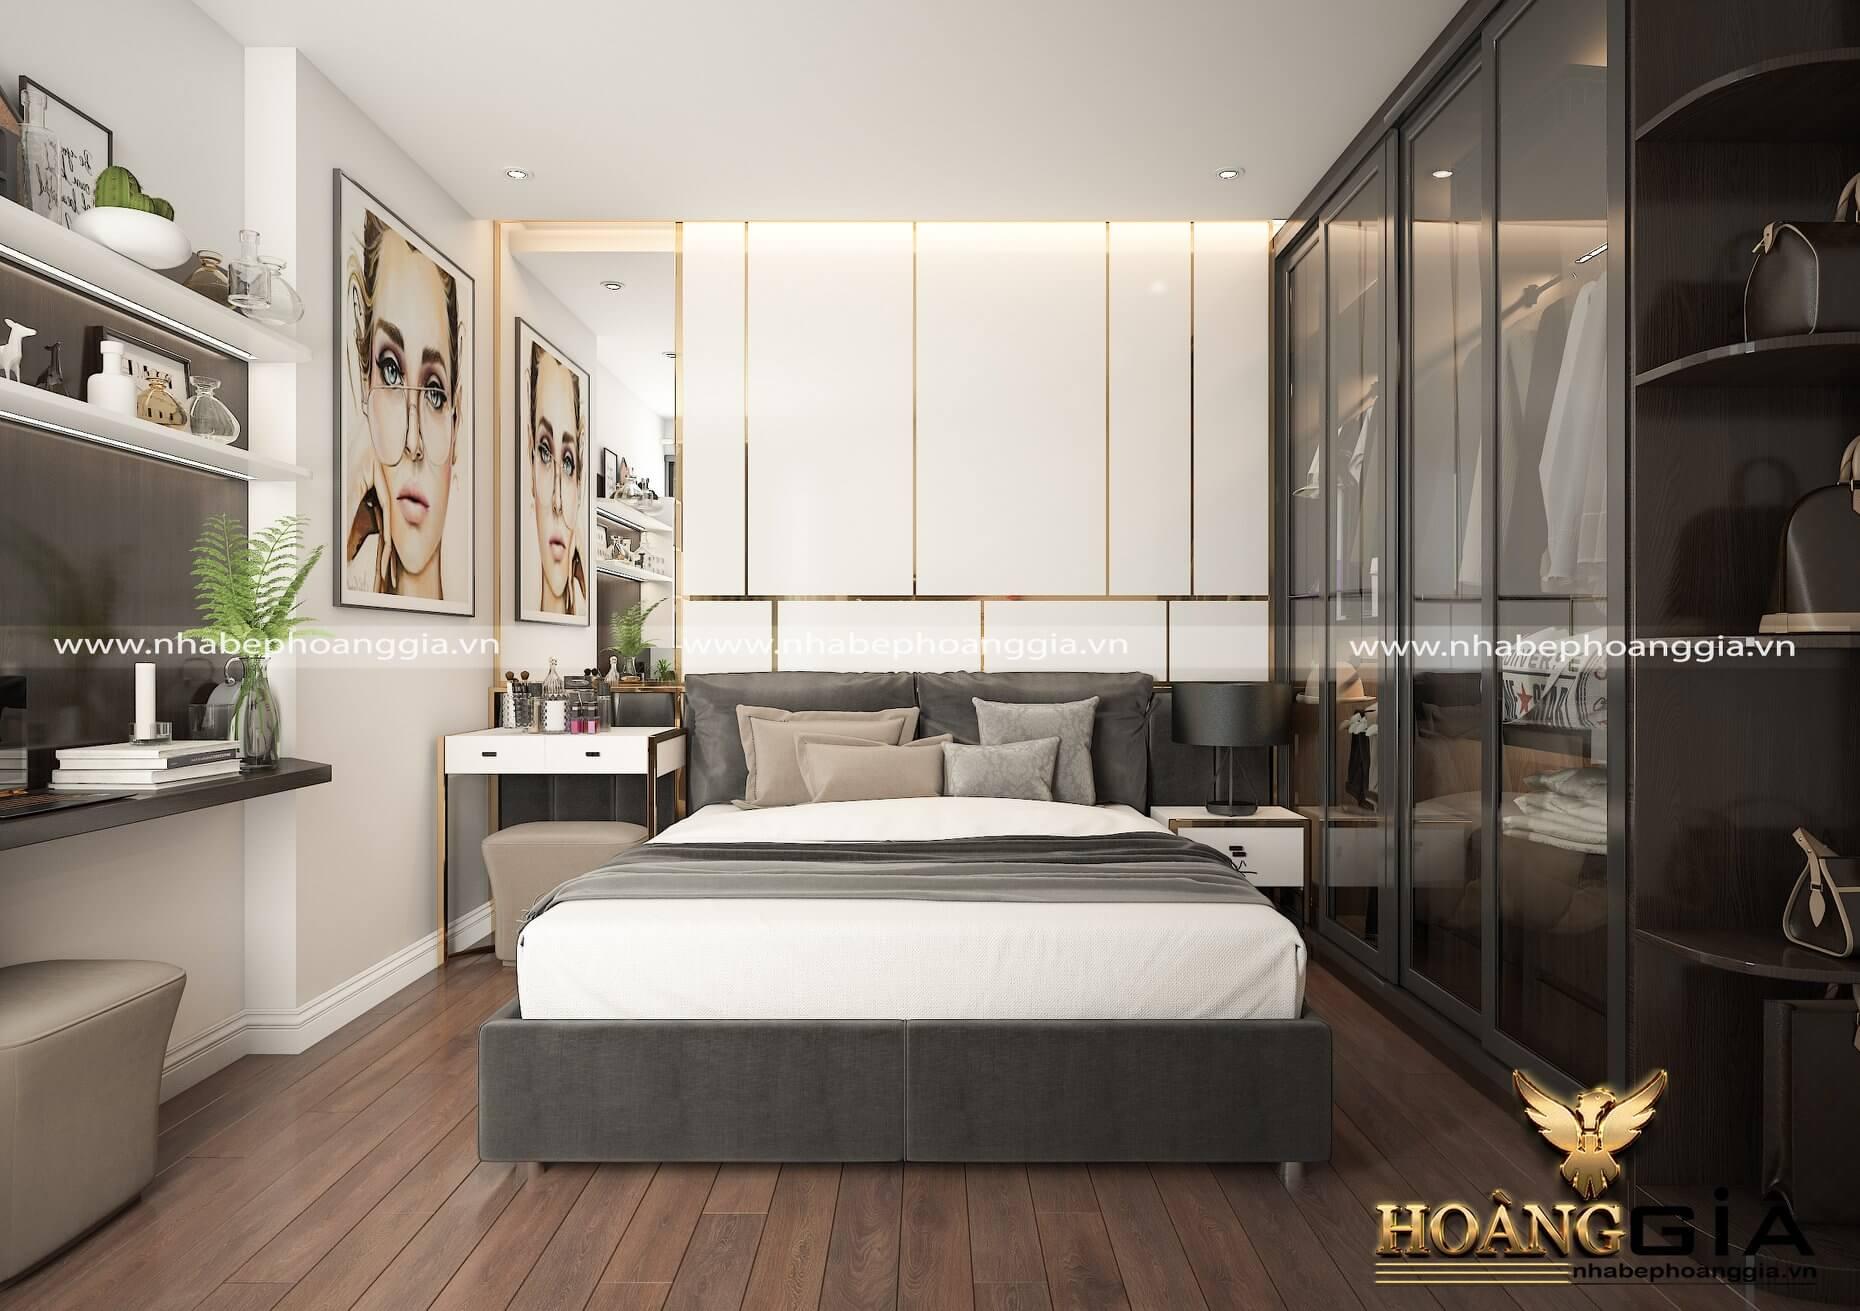 thiết kế sàn gỗ cho phòng ngủ